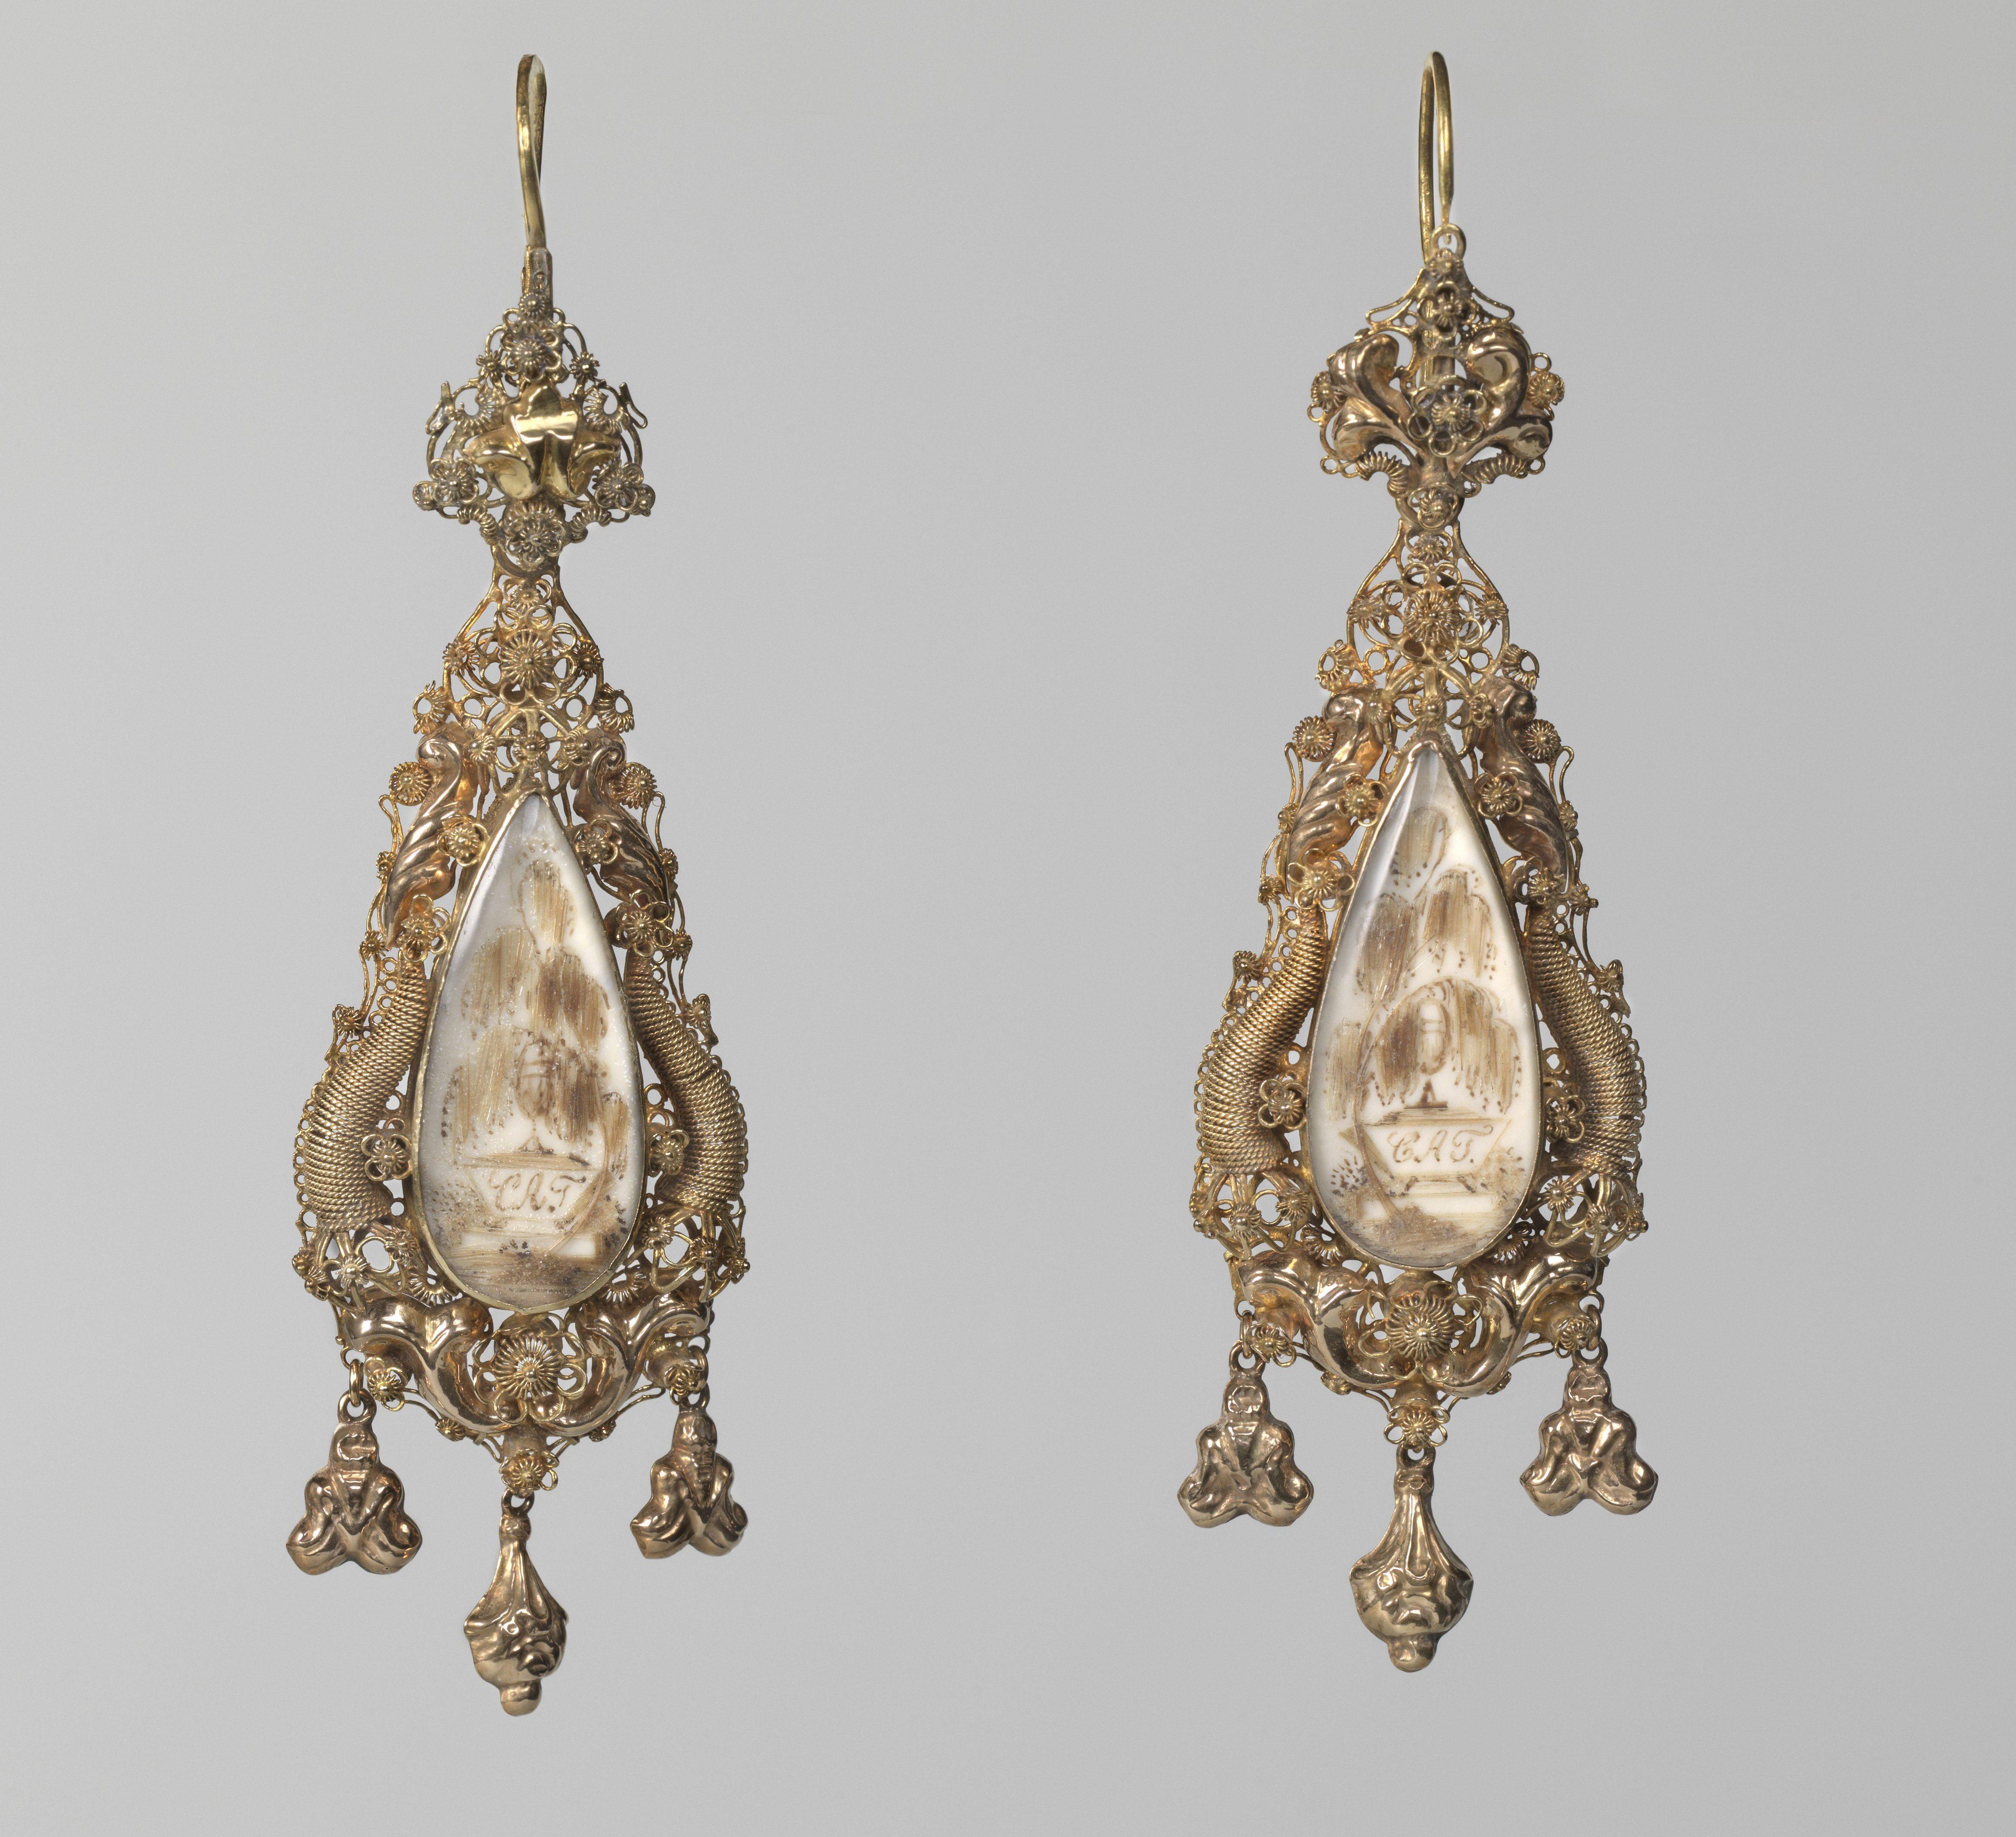 Muhlenschmidt en Schammer, oorsieraden, 1841. Collectie Rijksmuseum, BK-1968-55-A en B, publiek domein, CC0 1.0